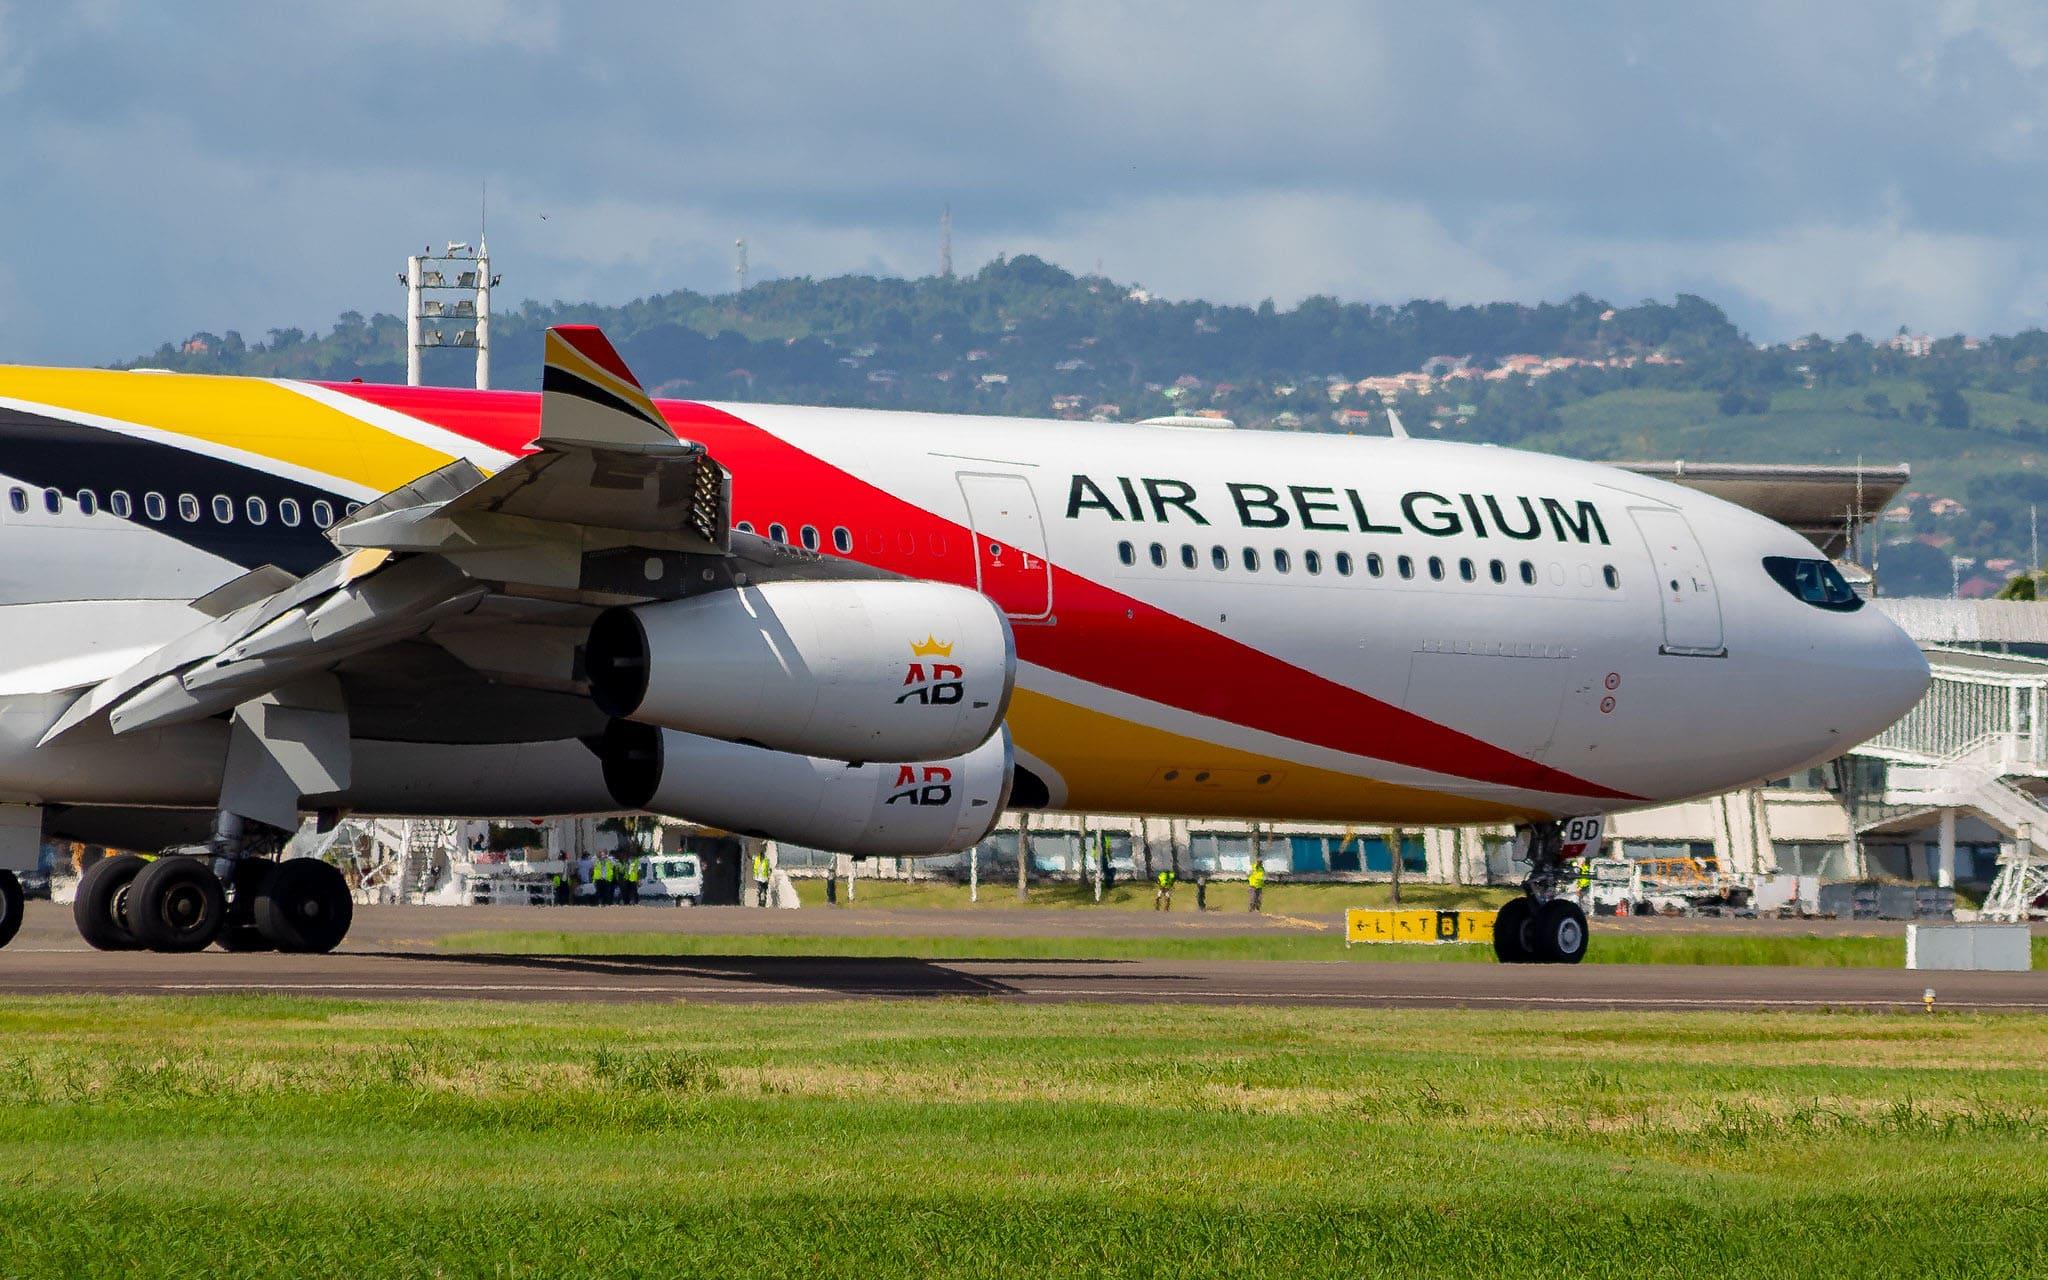 A340-300 Air Belgium sur le tarmac de TFFF (Aimé Césaire International Airport)